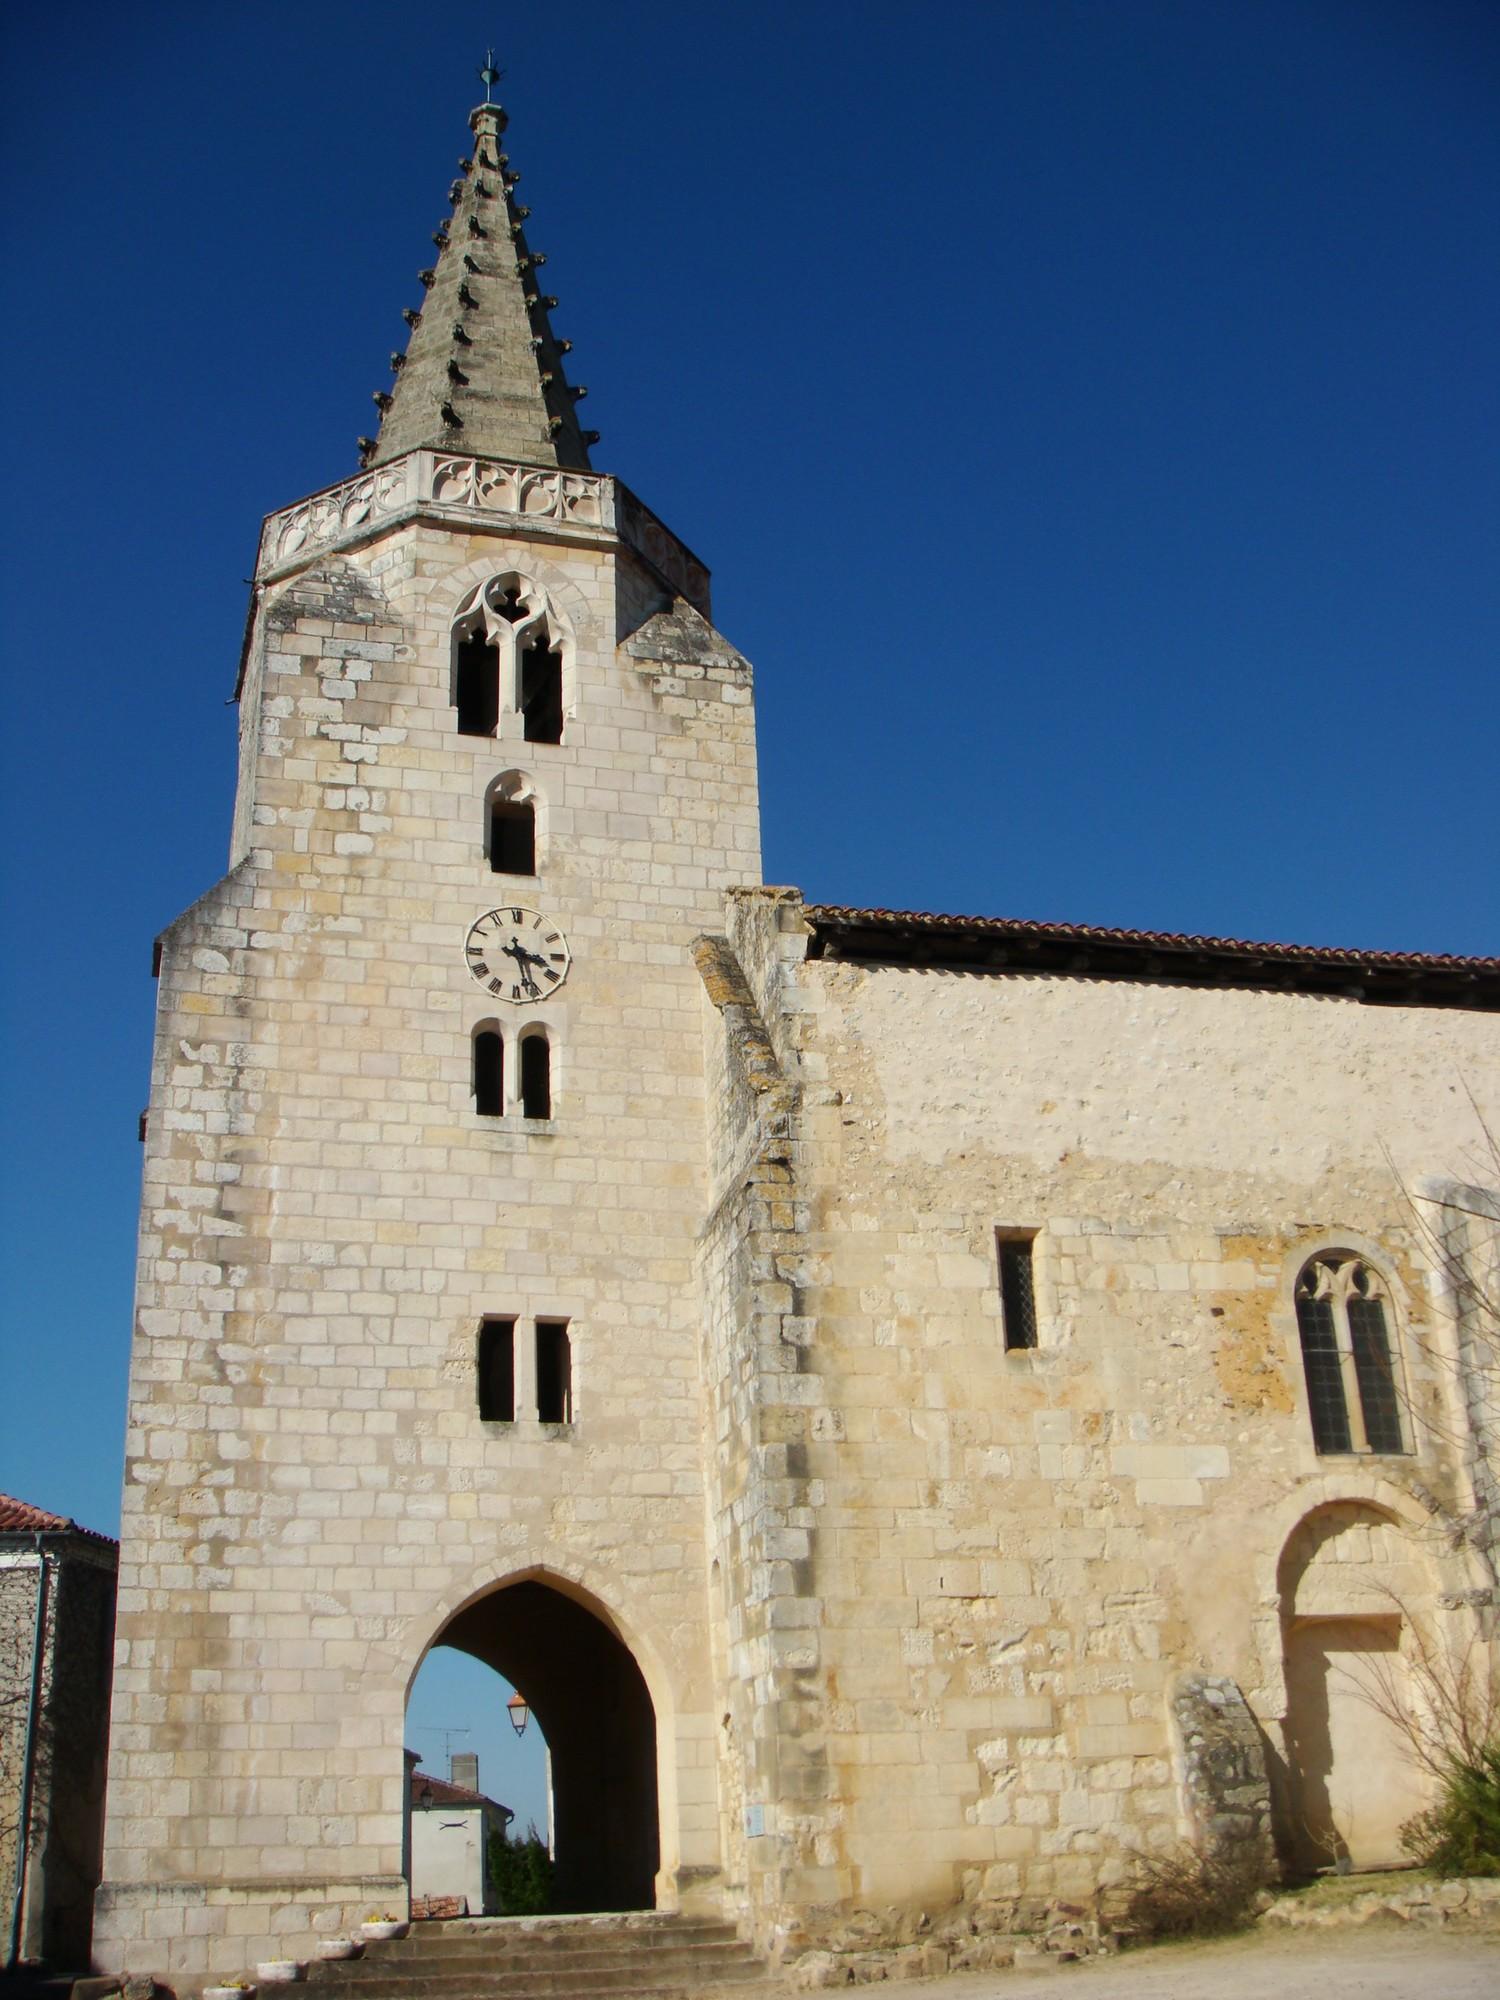 Narbonne Version 3 1: File:Clocher De L'église De Brassempouy.jpg